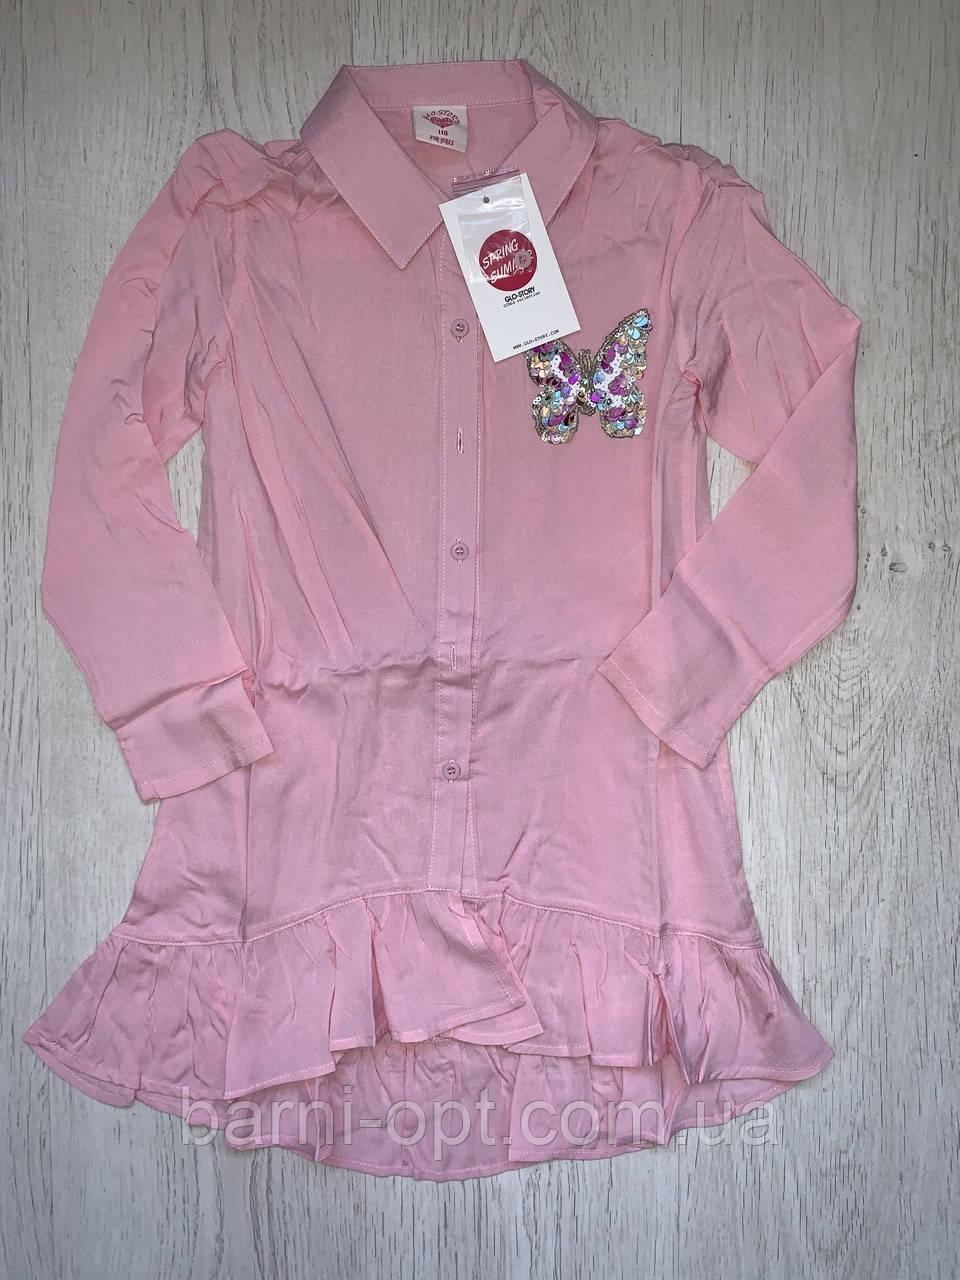 Рубашки-туника для девочек, Glo-Story, в наличии 110 рост.